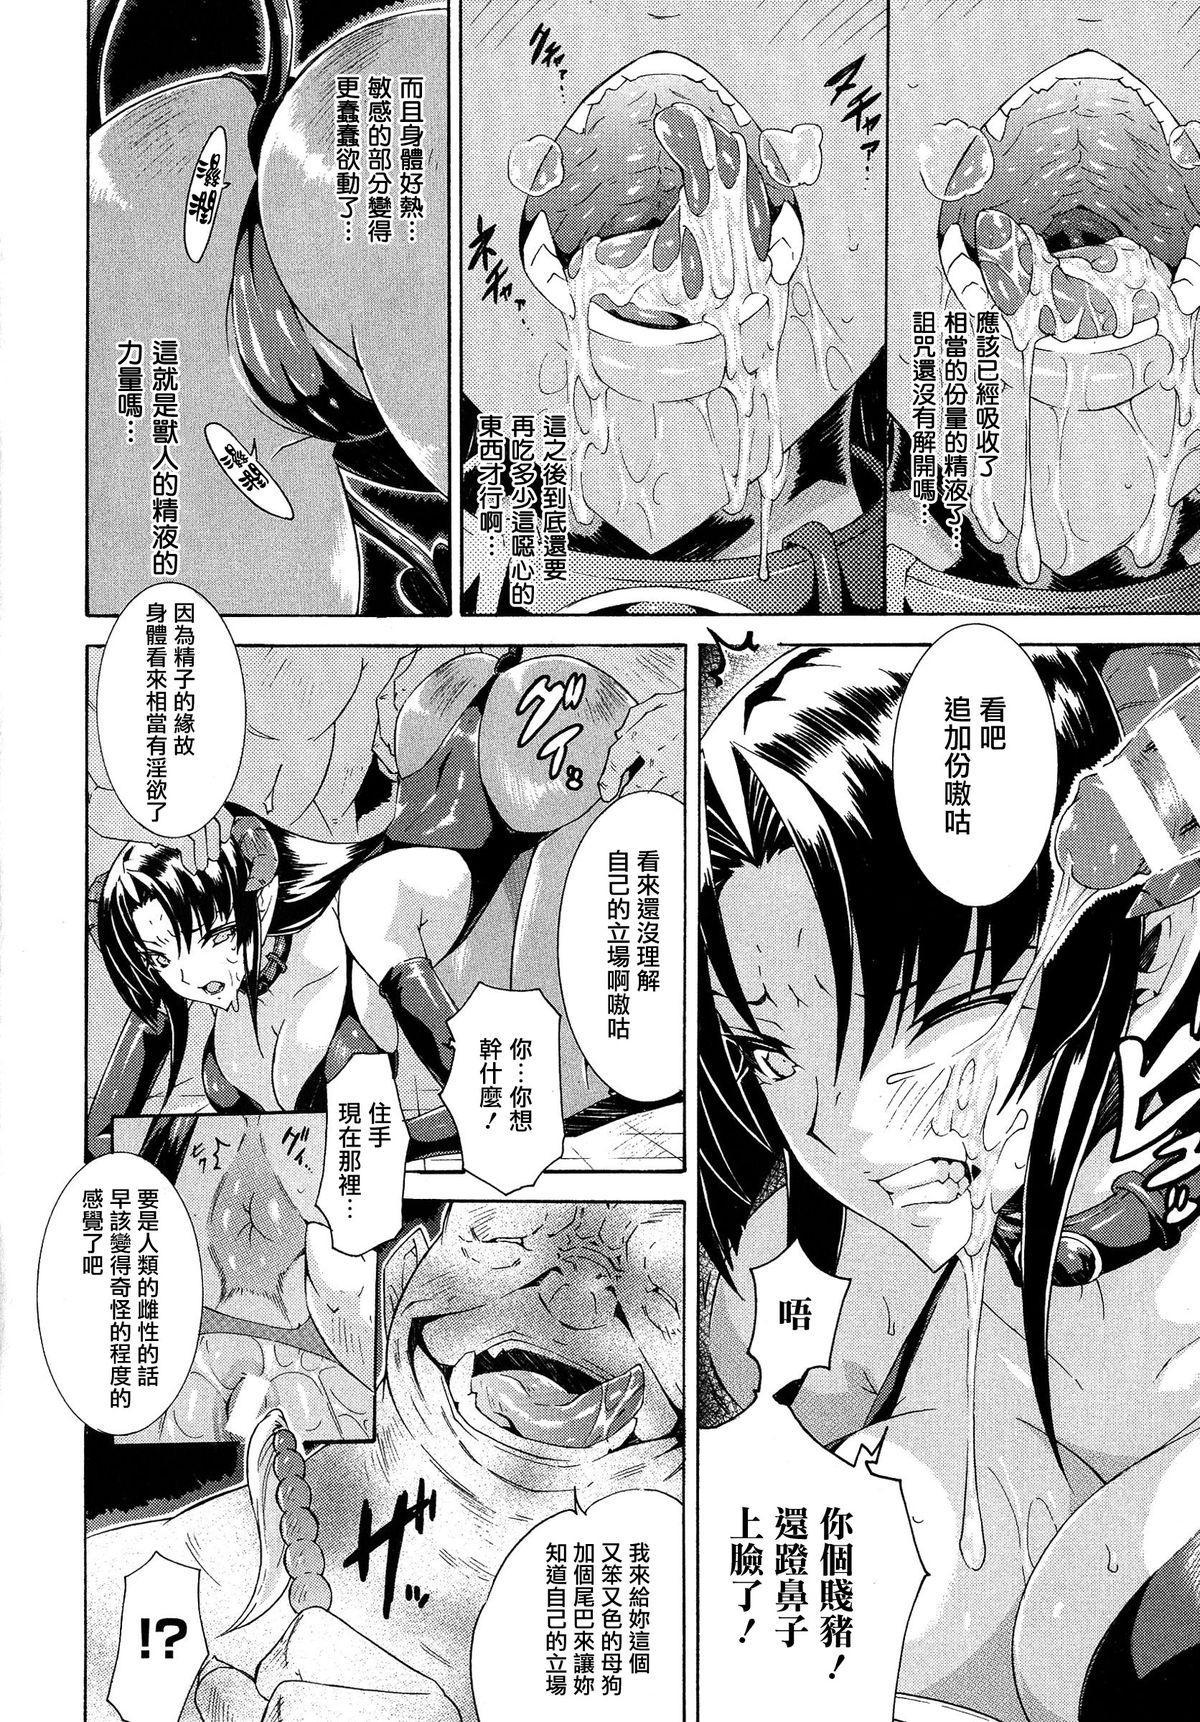 Kachiki na Onna ga Buzama na Ahegao o Sarasu Made 90